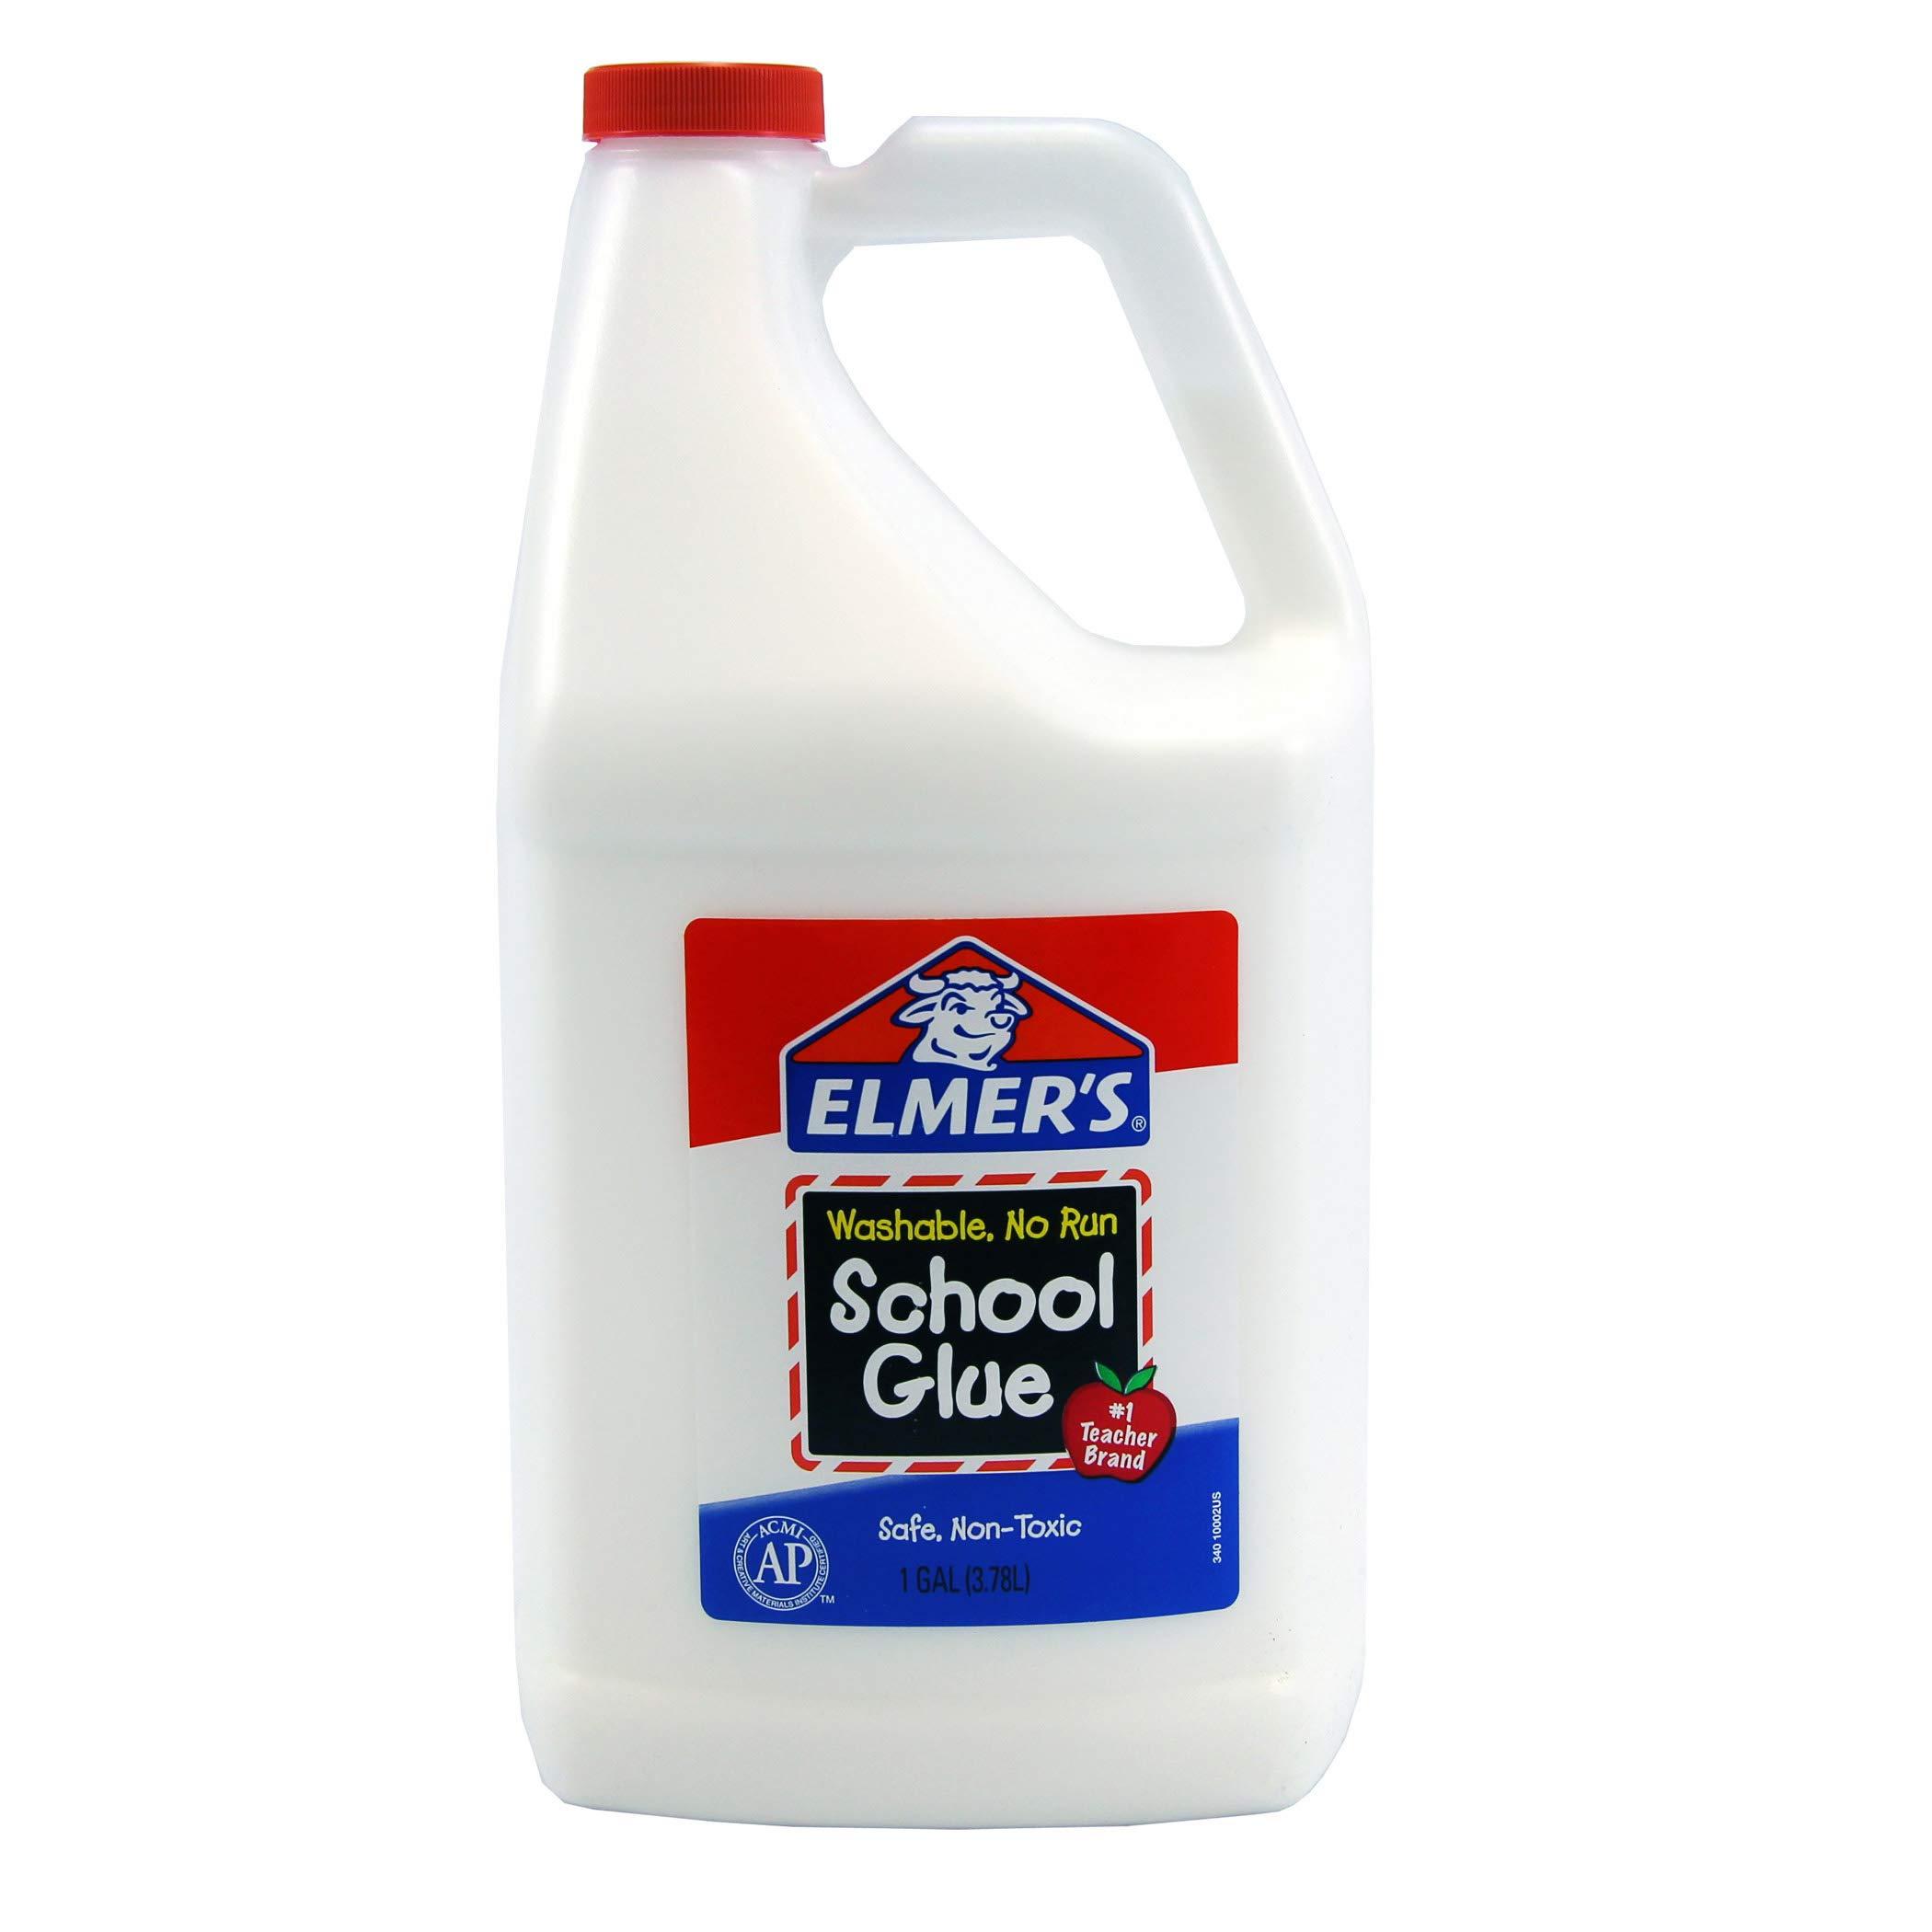 Elmer's BORE340 Washable School Glue, Gallon